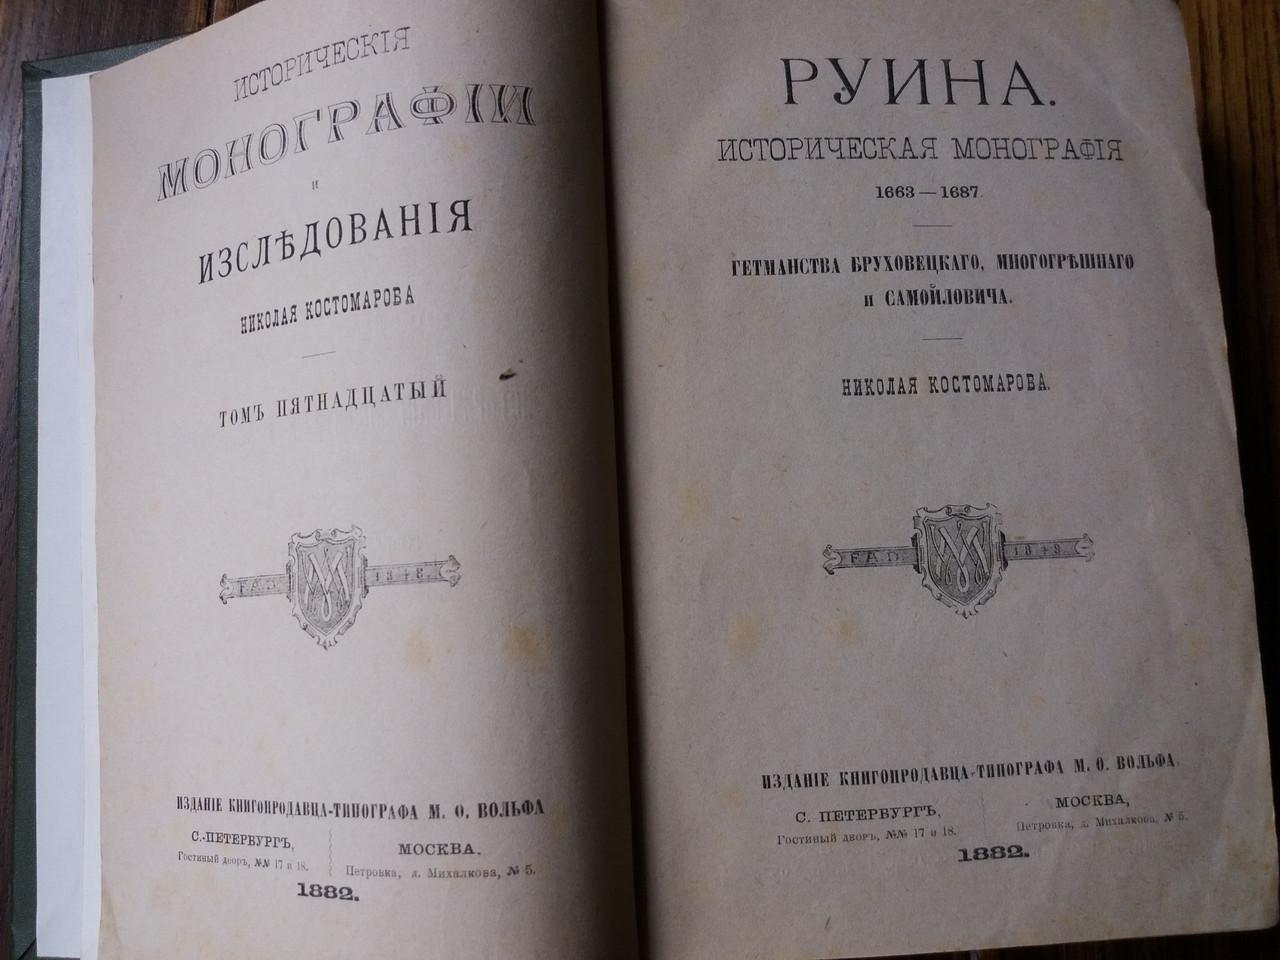 Н.Костомаров, Руїна Гетьманство Бруховецкаго 1882 рік прижиттєве видання